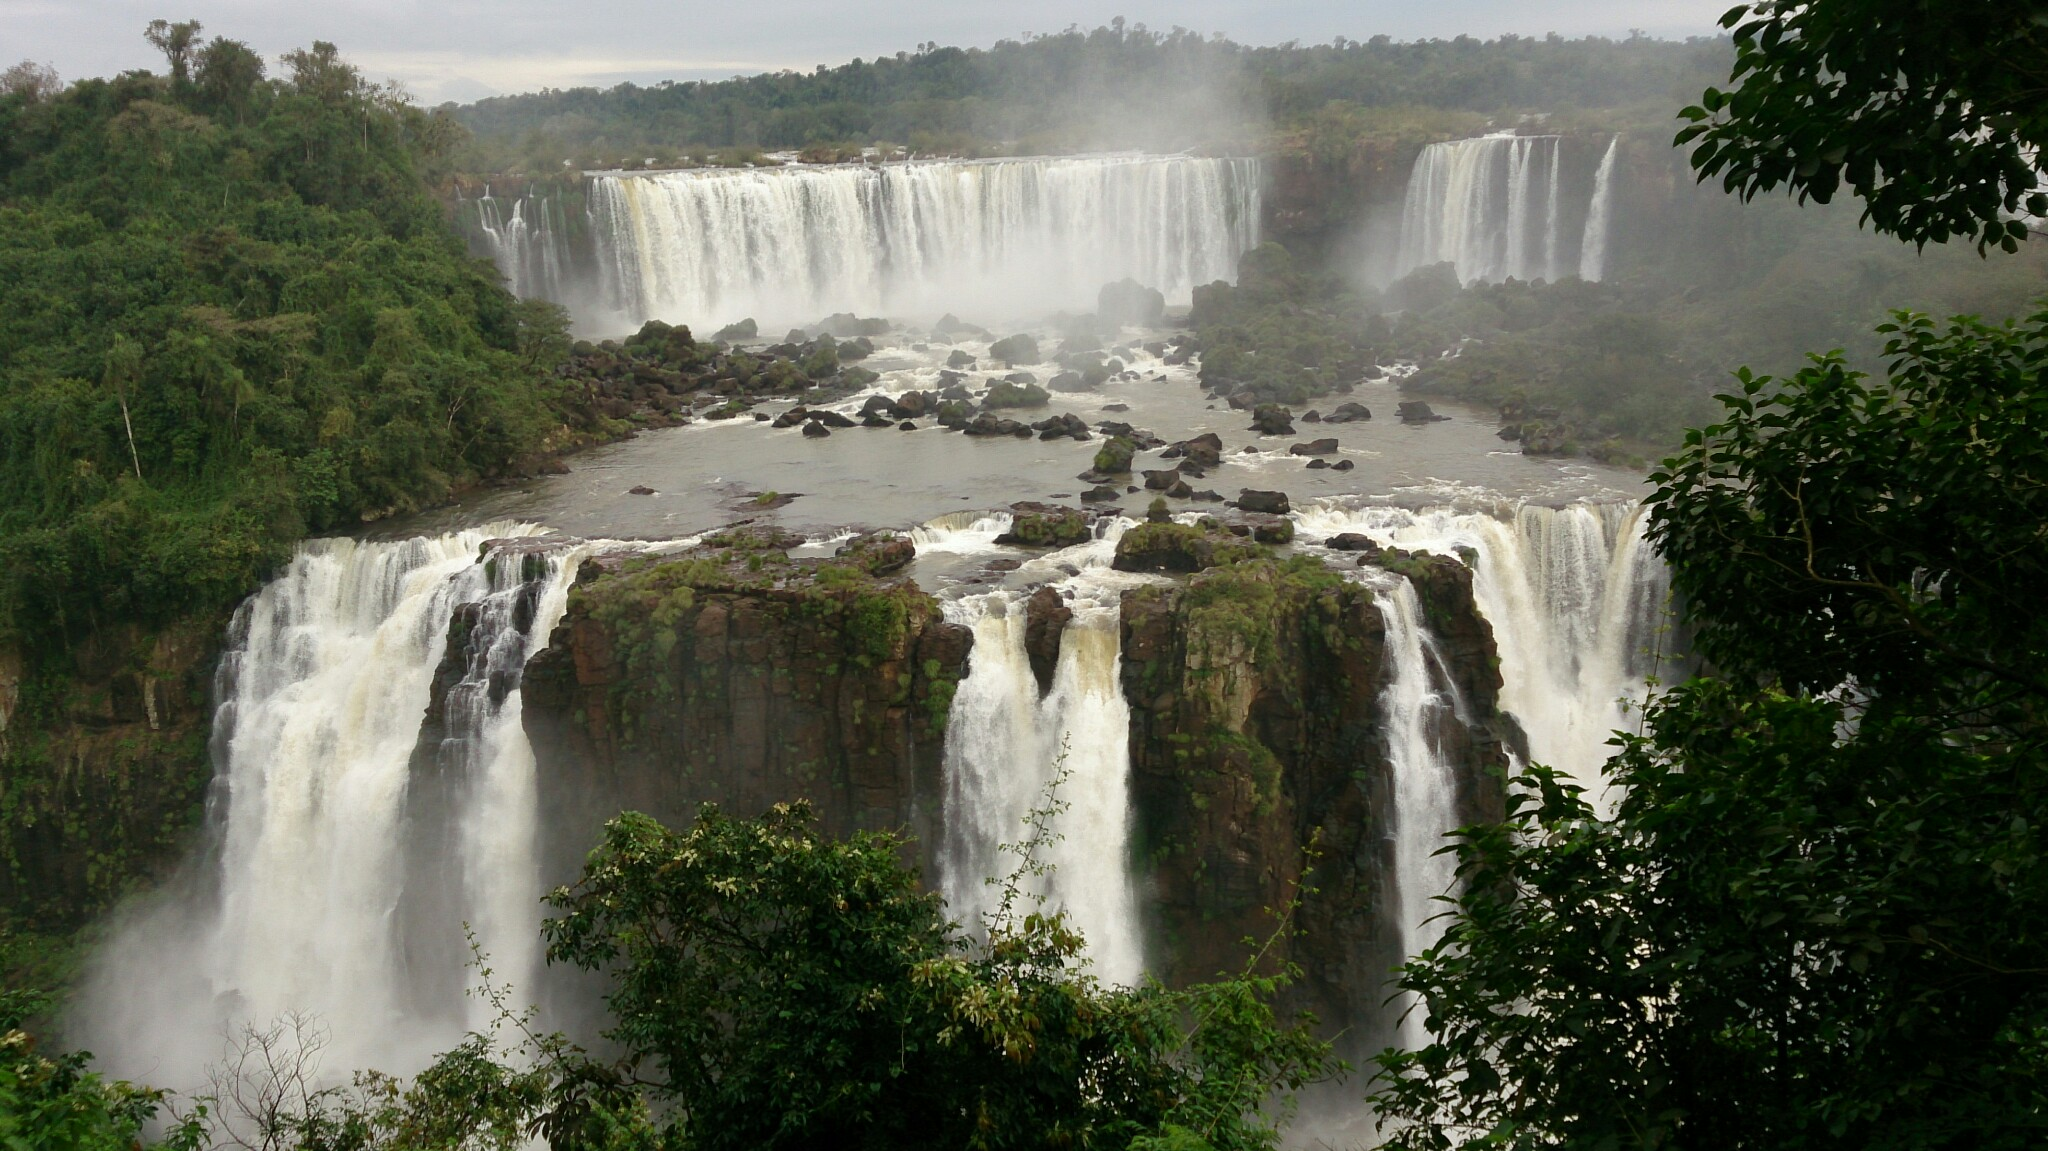 Roteiro-foz-do-iguaçu-cataratas-brasil-1 Roteiro Foz do Iguaçu Completo (e ÉPICO) - 3 a 5 dias